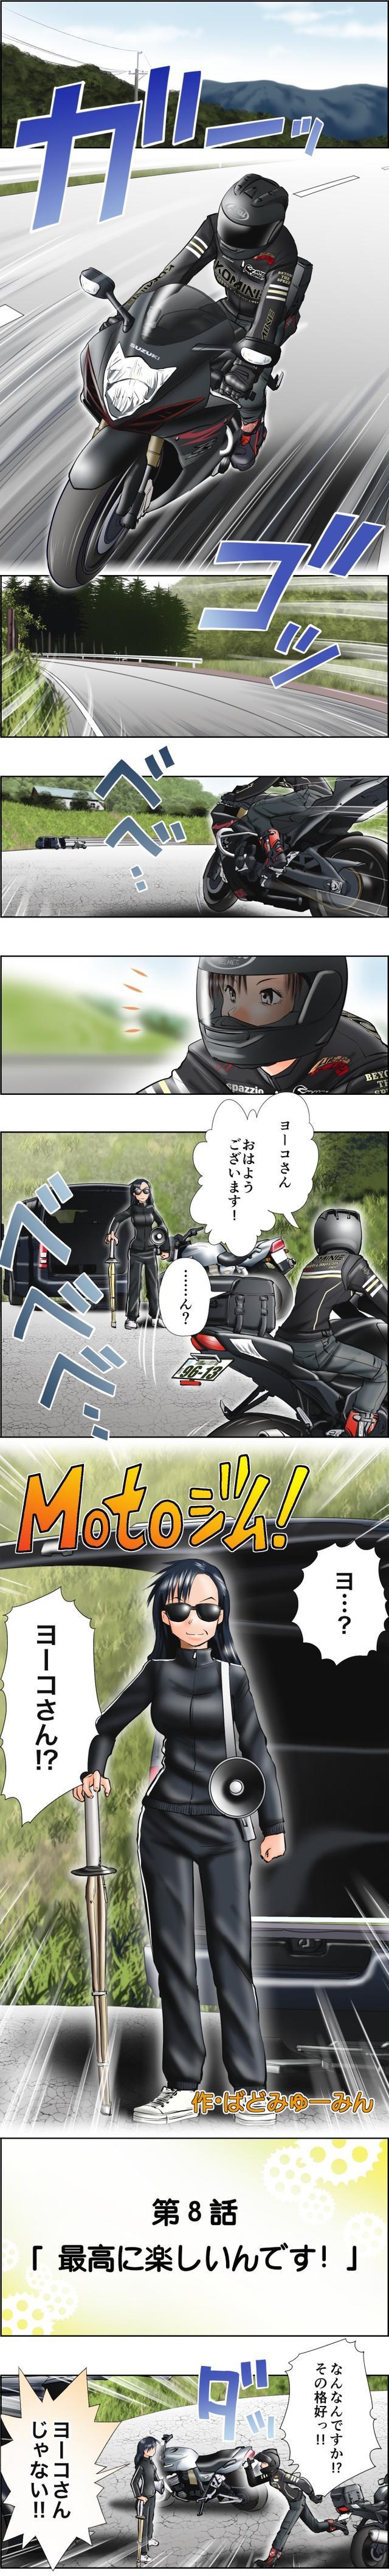 画像1: MOTOジム!(第8話:最高に楽しいんです!)  作・ばどみゅーみん